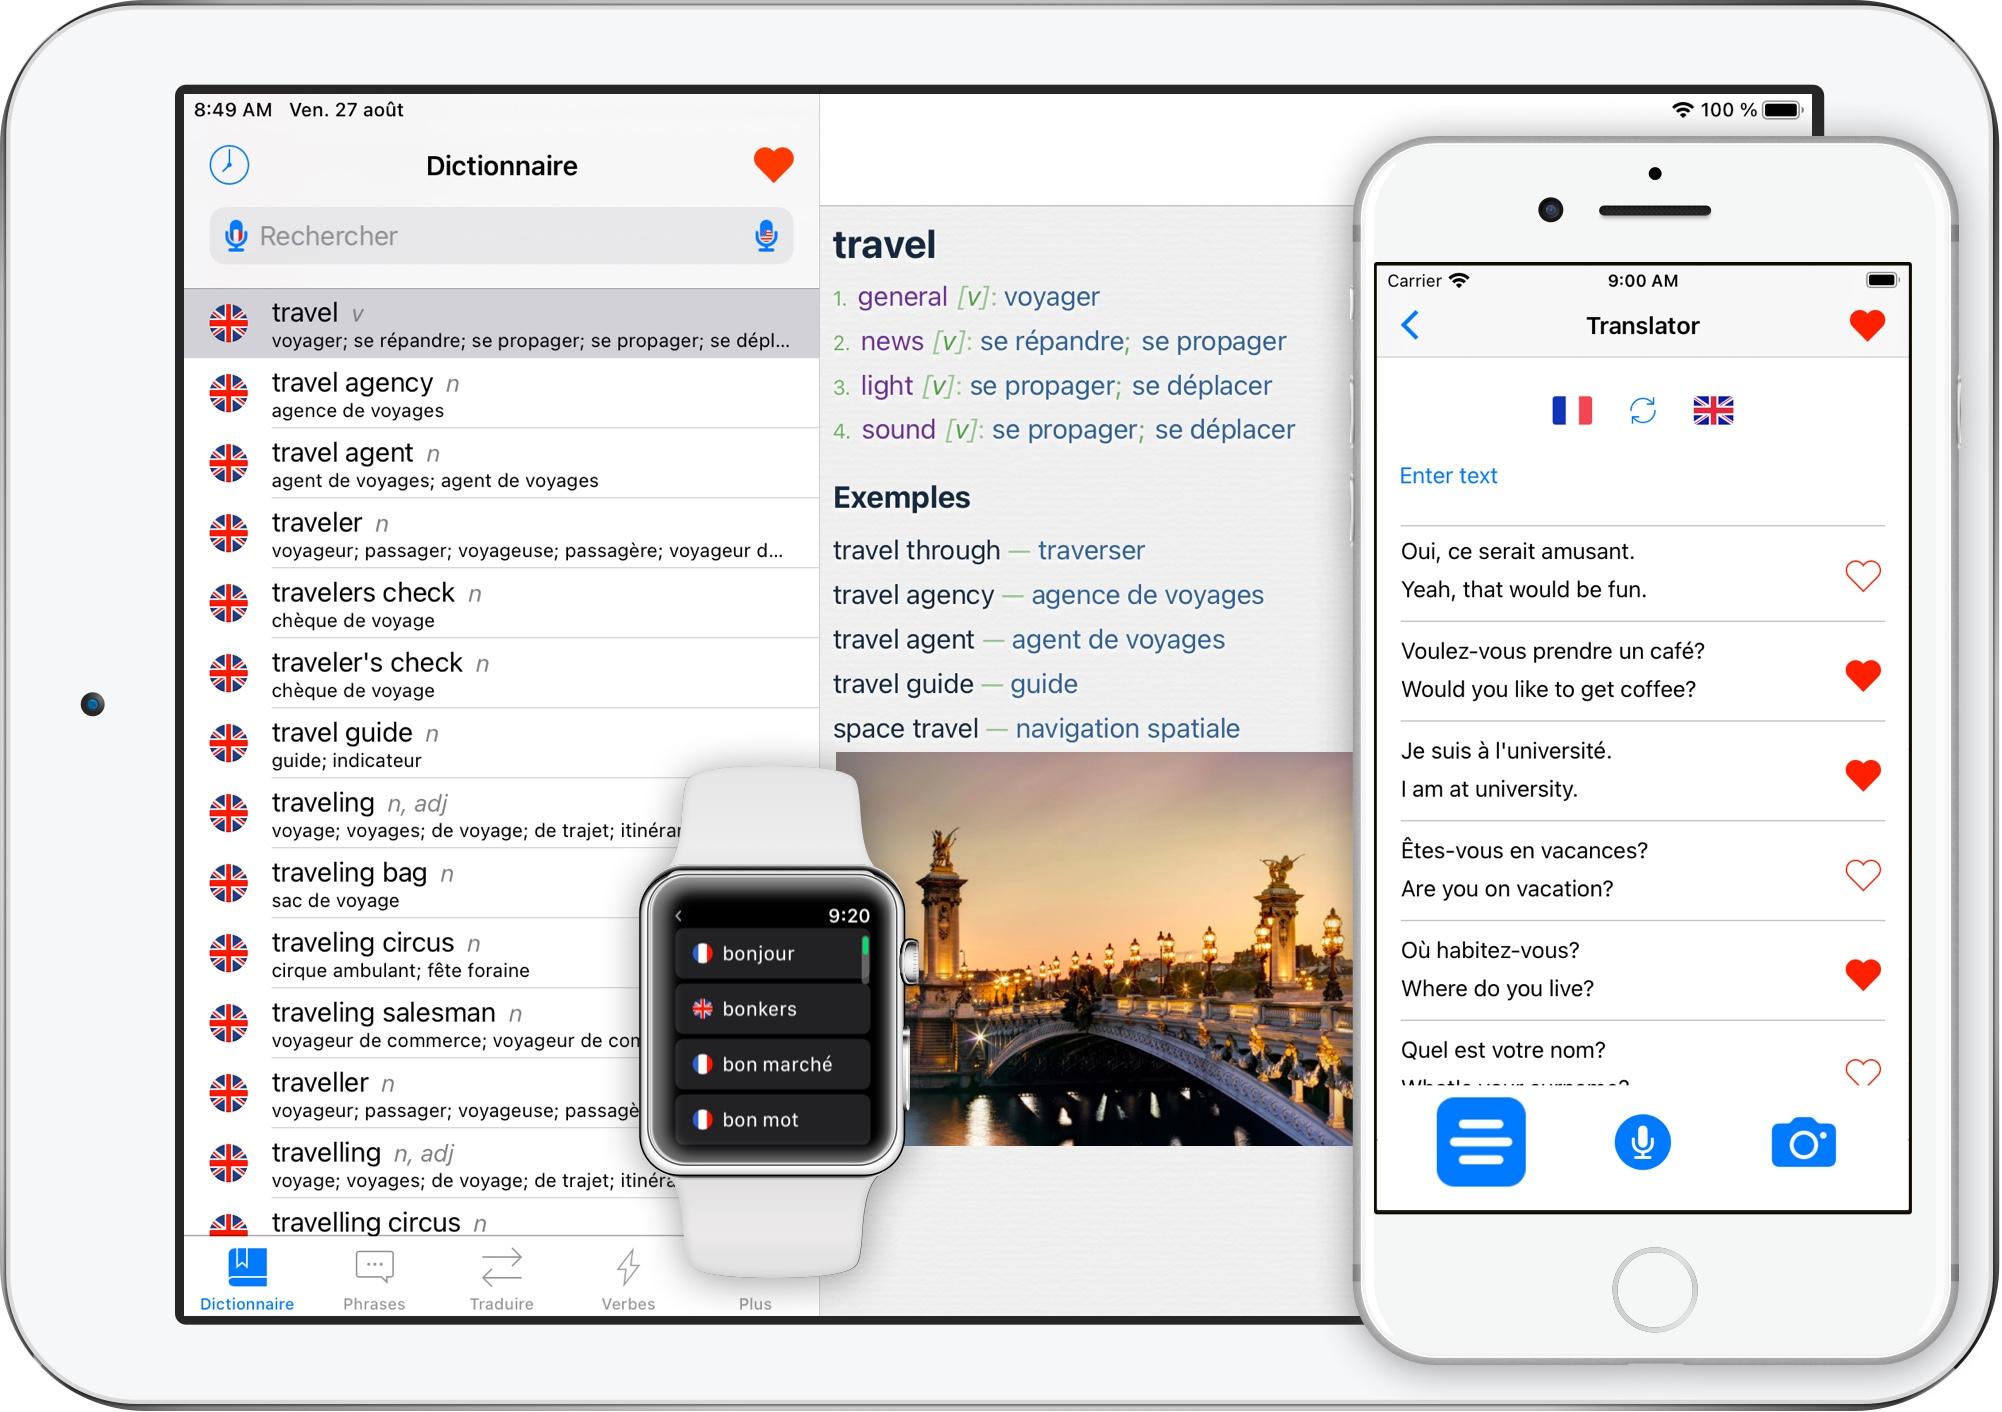 Traducteur Anglais Français app sur iPhone